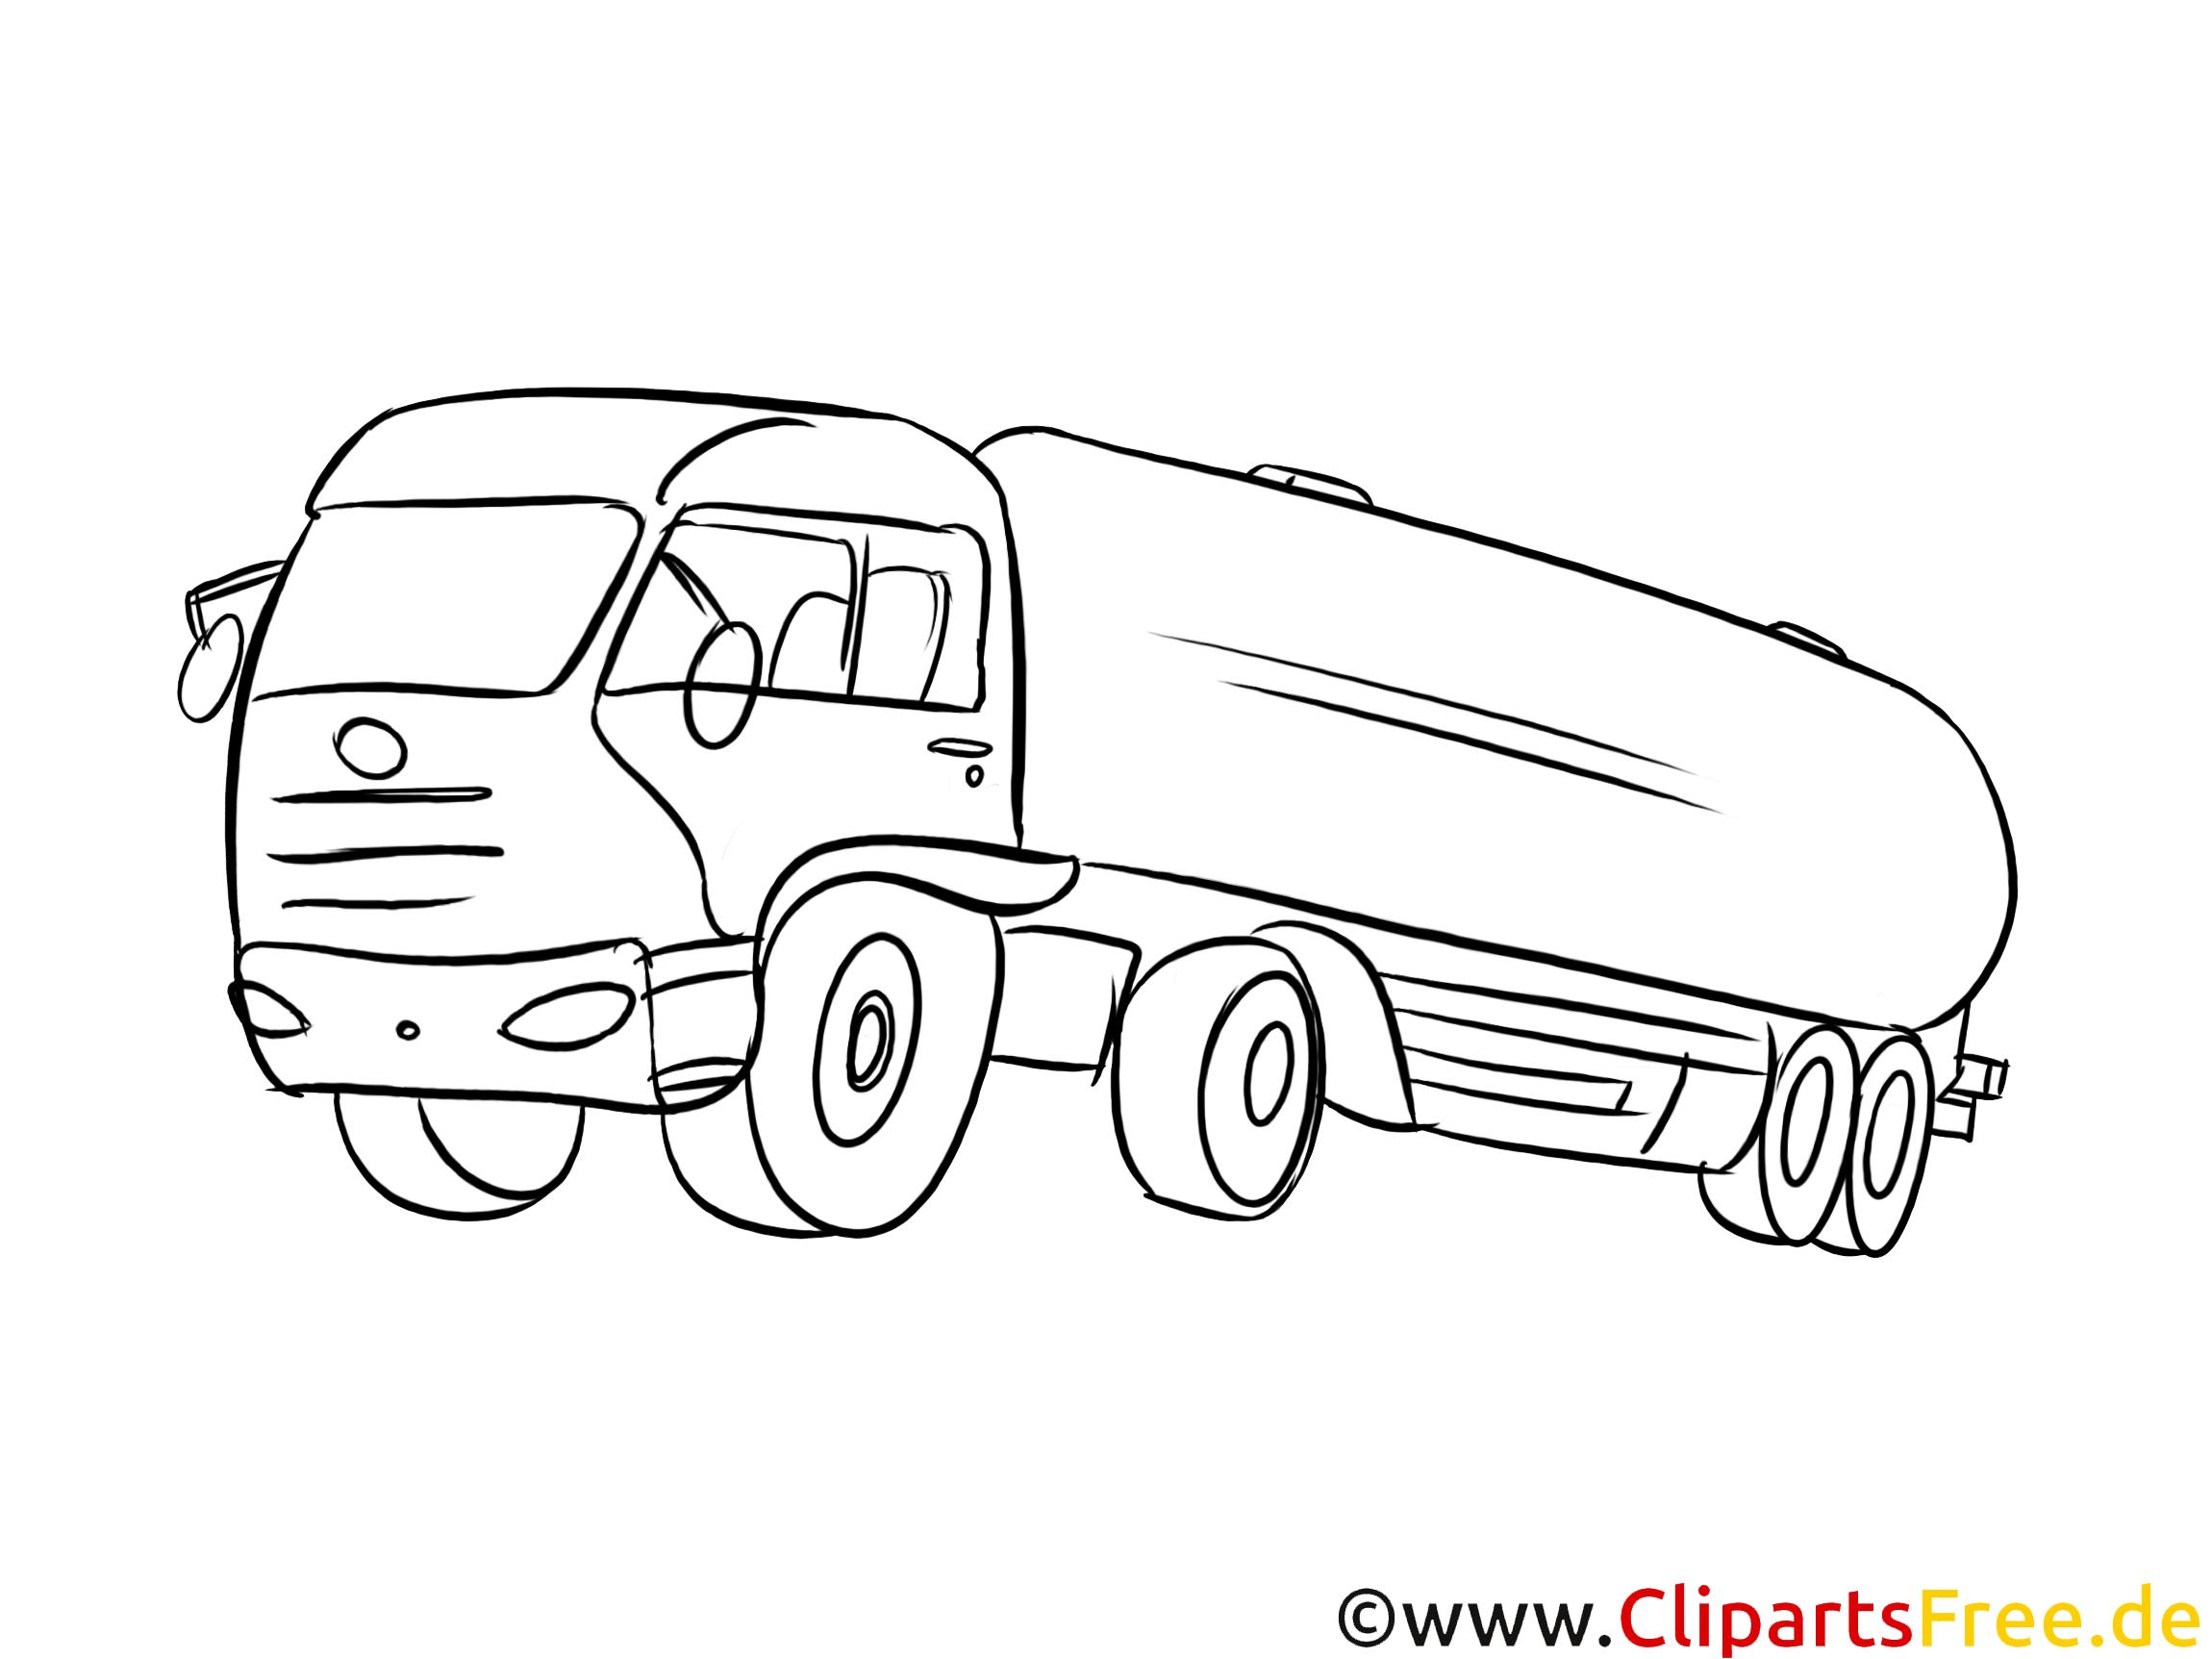 Tank, LKW Bild schwarz-weiß, Vorlage zum Ausmalen